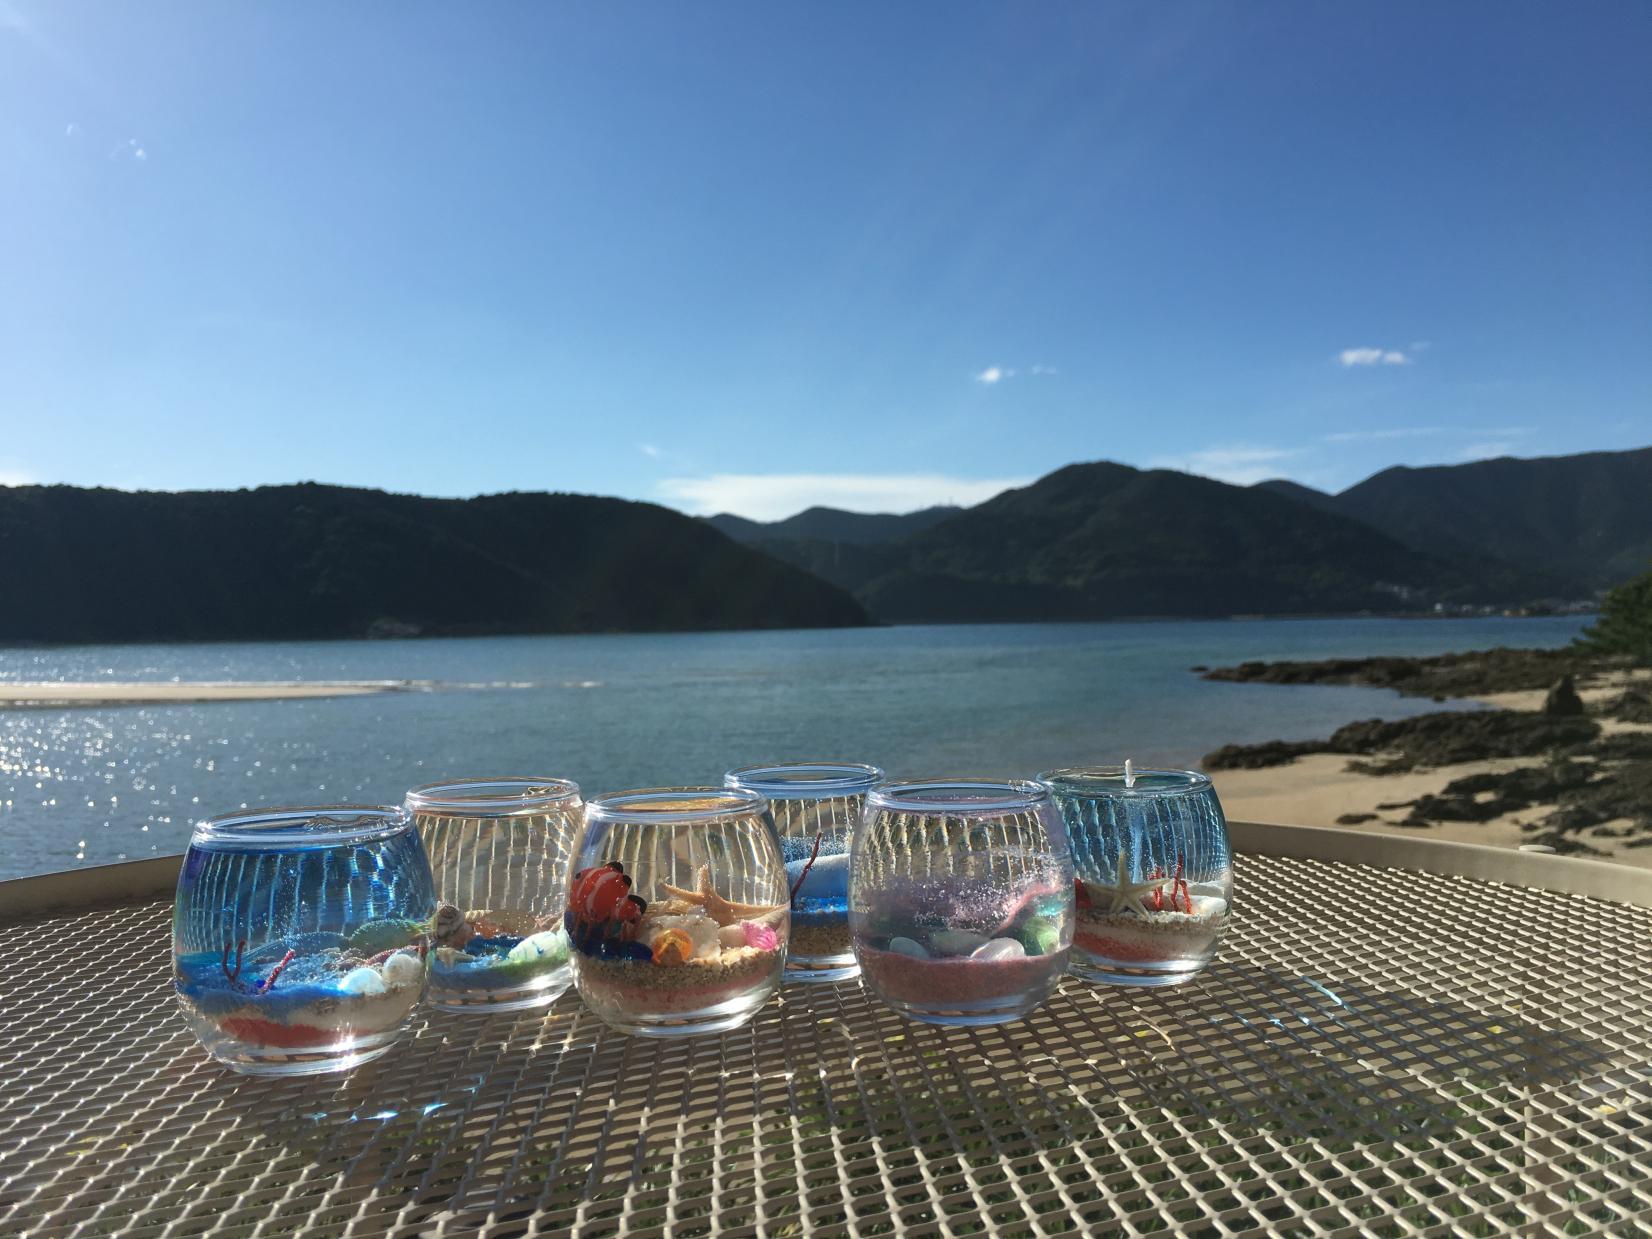 島キャンドル作り体験-1